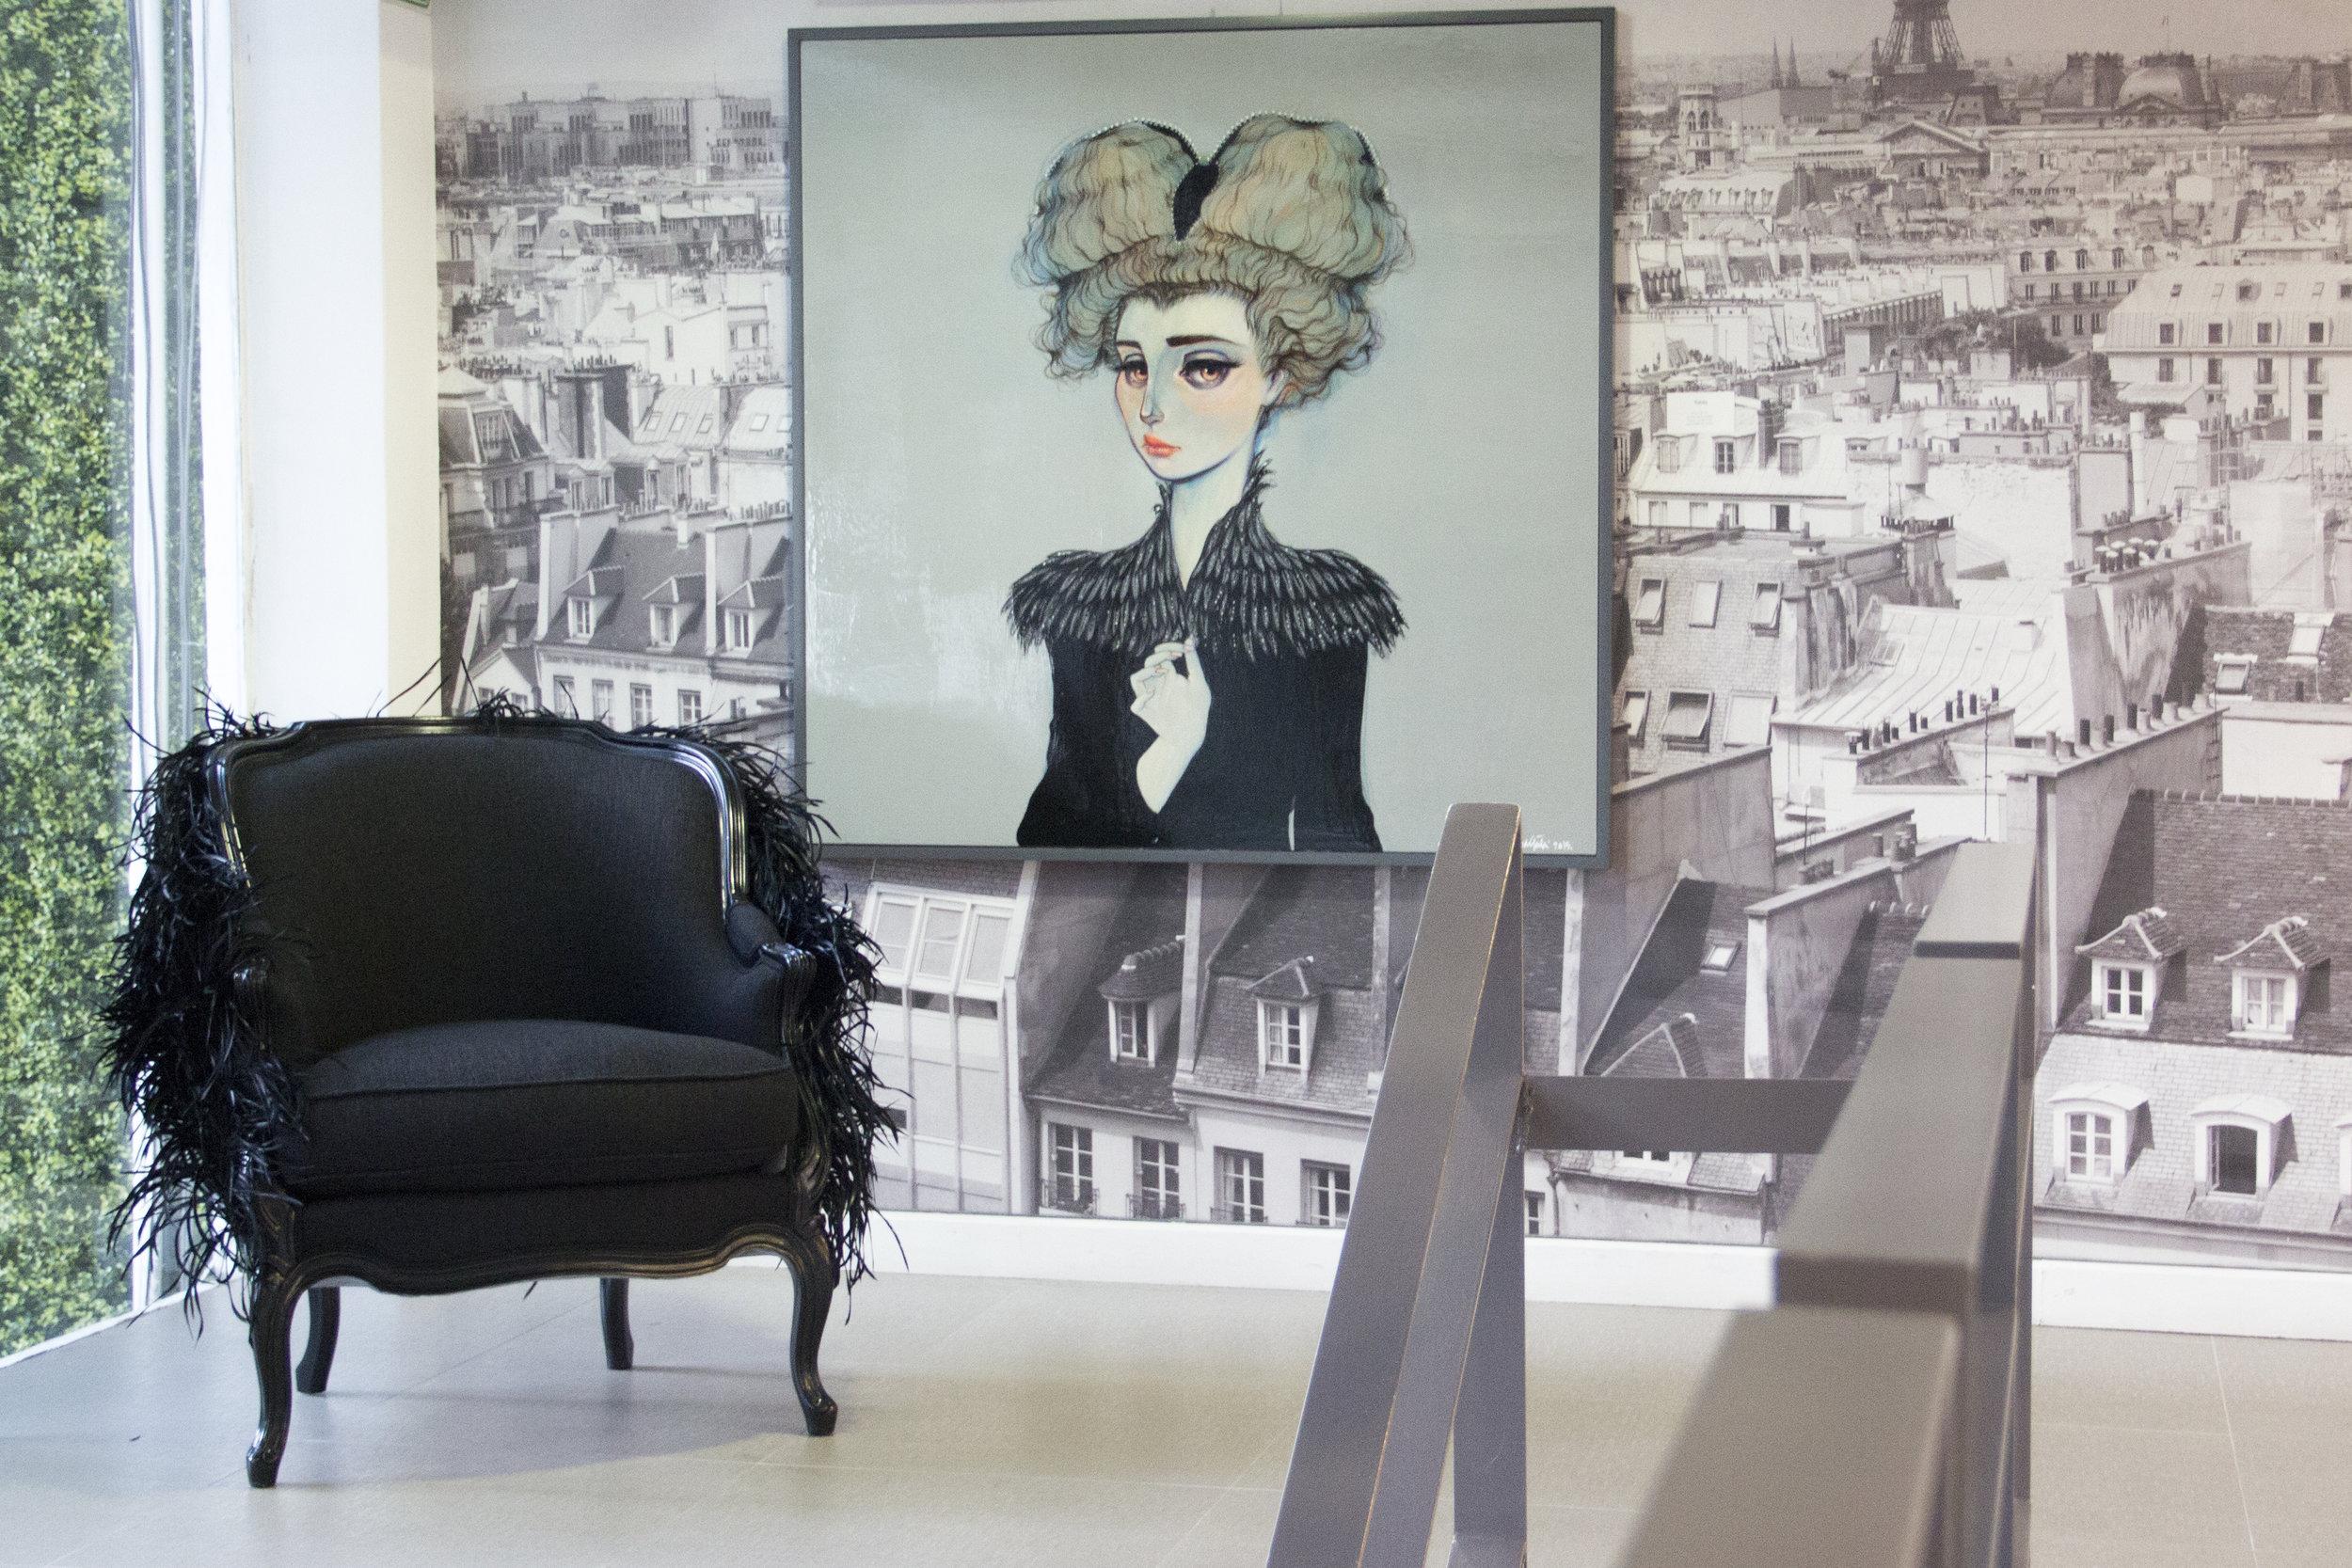 Sybil at Roche Bobois - L'arte de vivre by Pablo de Gortari